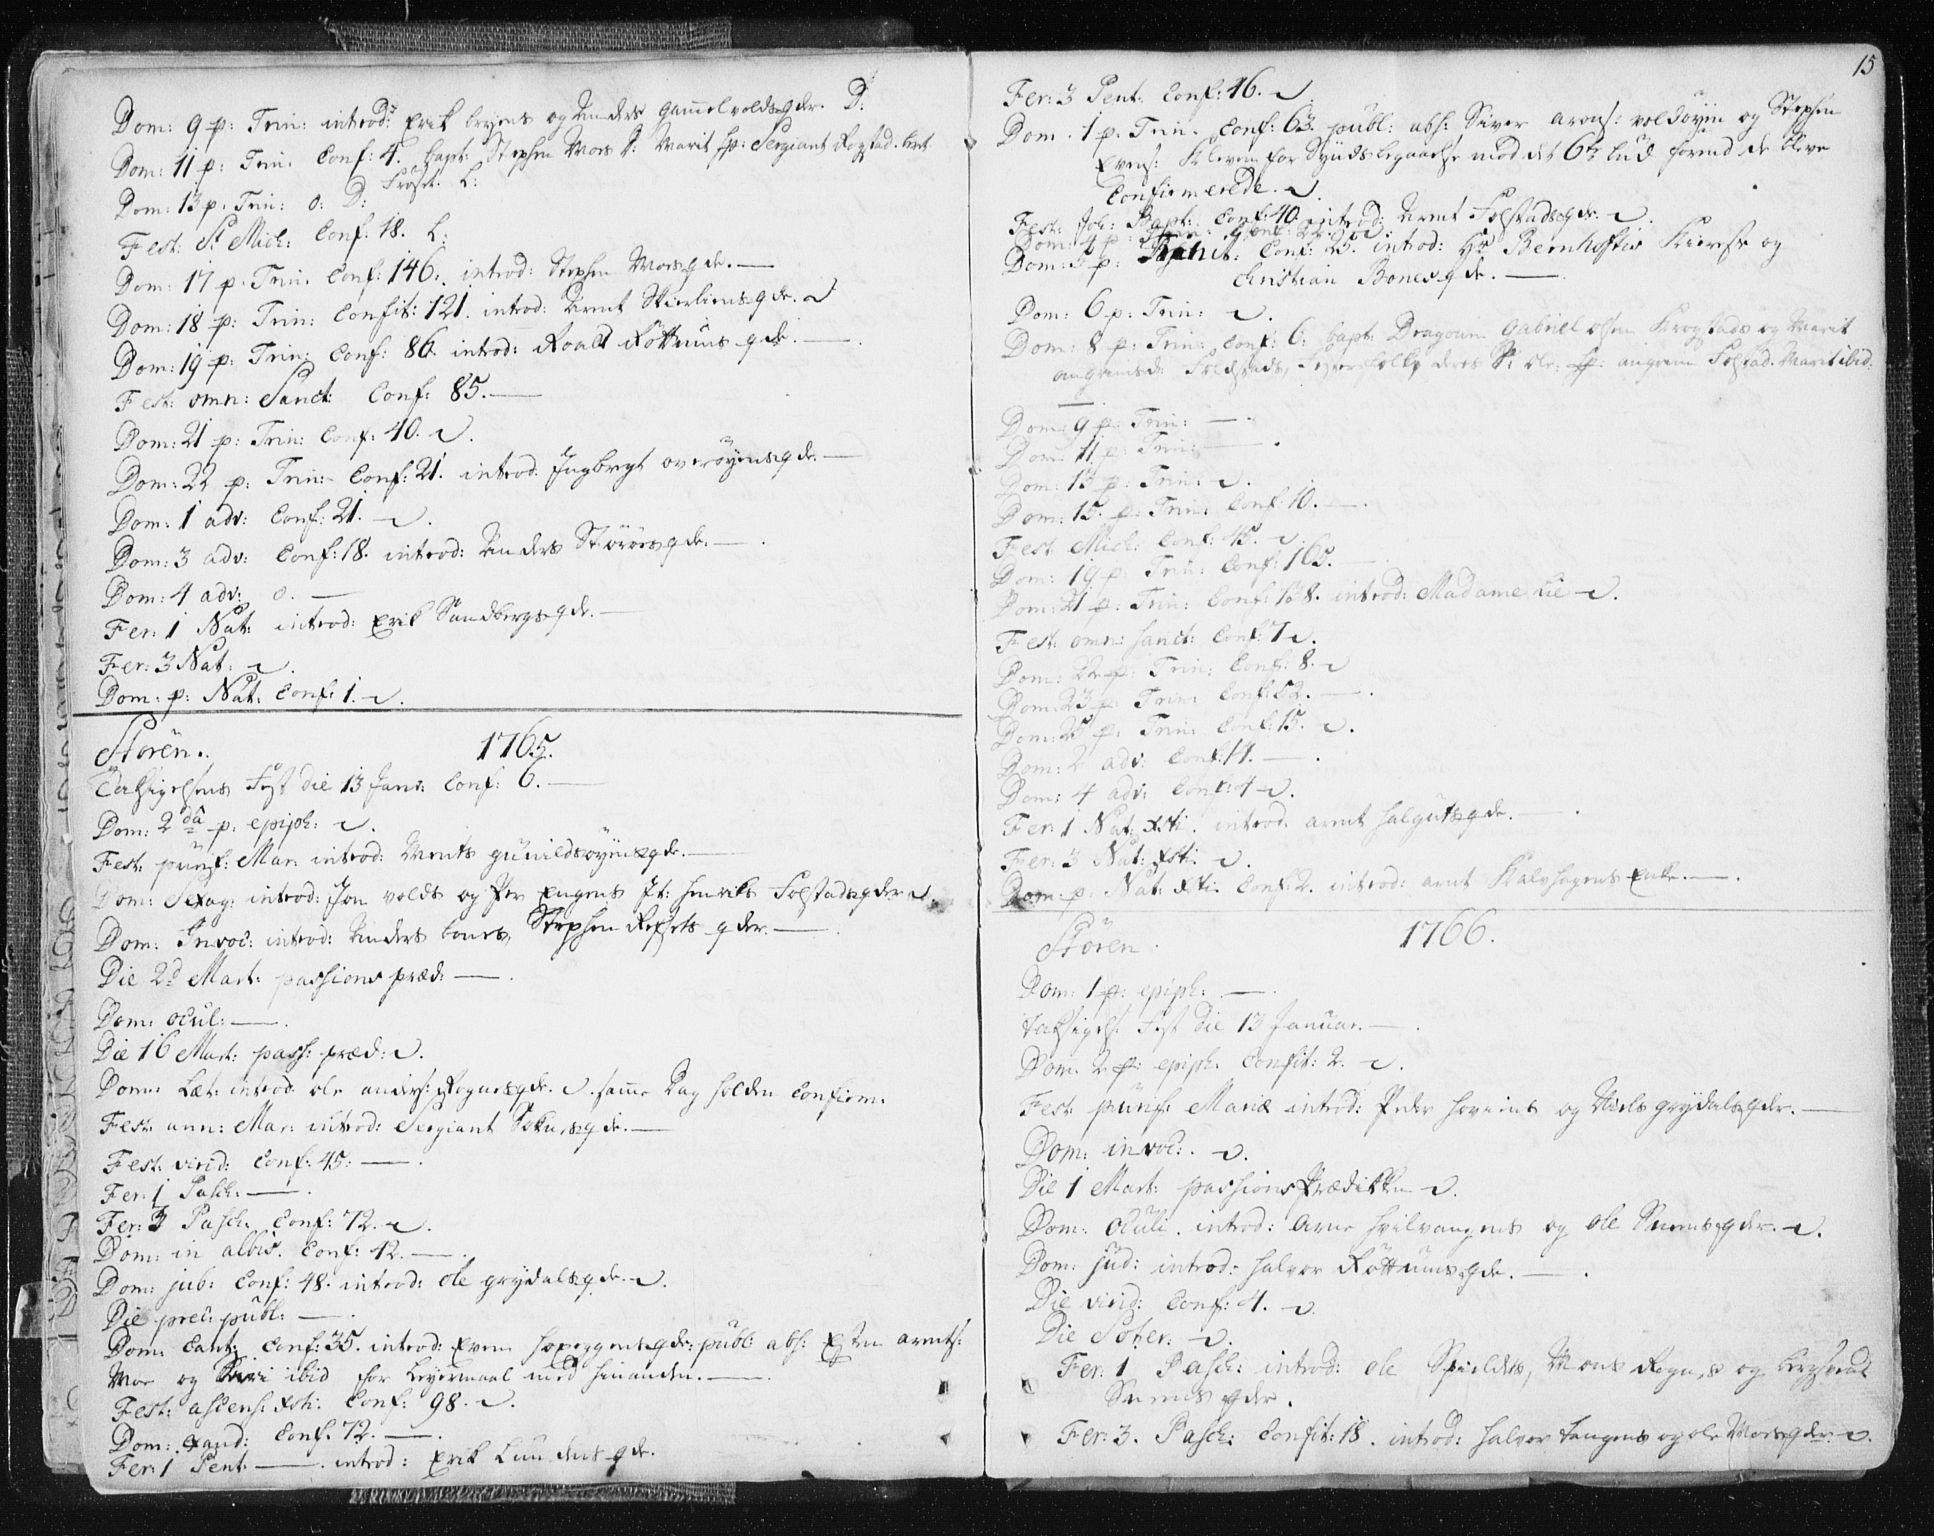 SAT, Ministerialprotokoller, klokkerbøker og fødselsregistre - Sør-Trøndelag, 687/L0991: Ministerialbok nr. 687A02, 1747-1790, s. 15